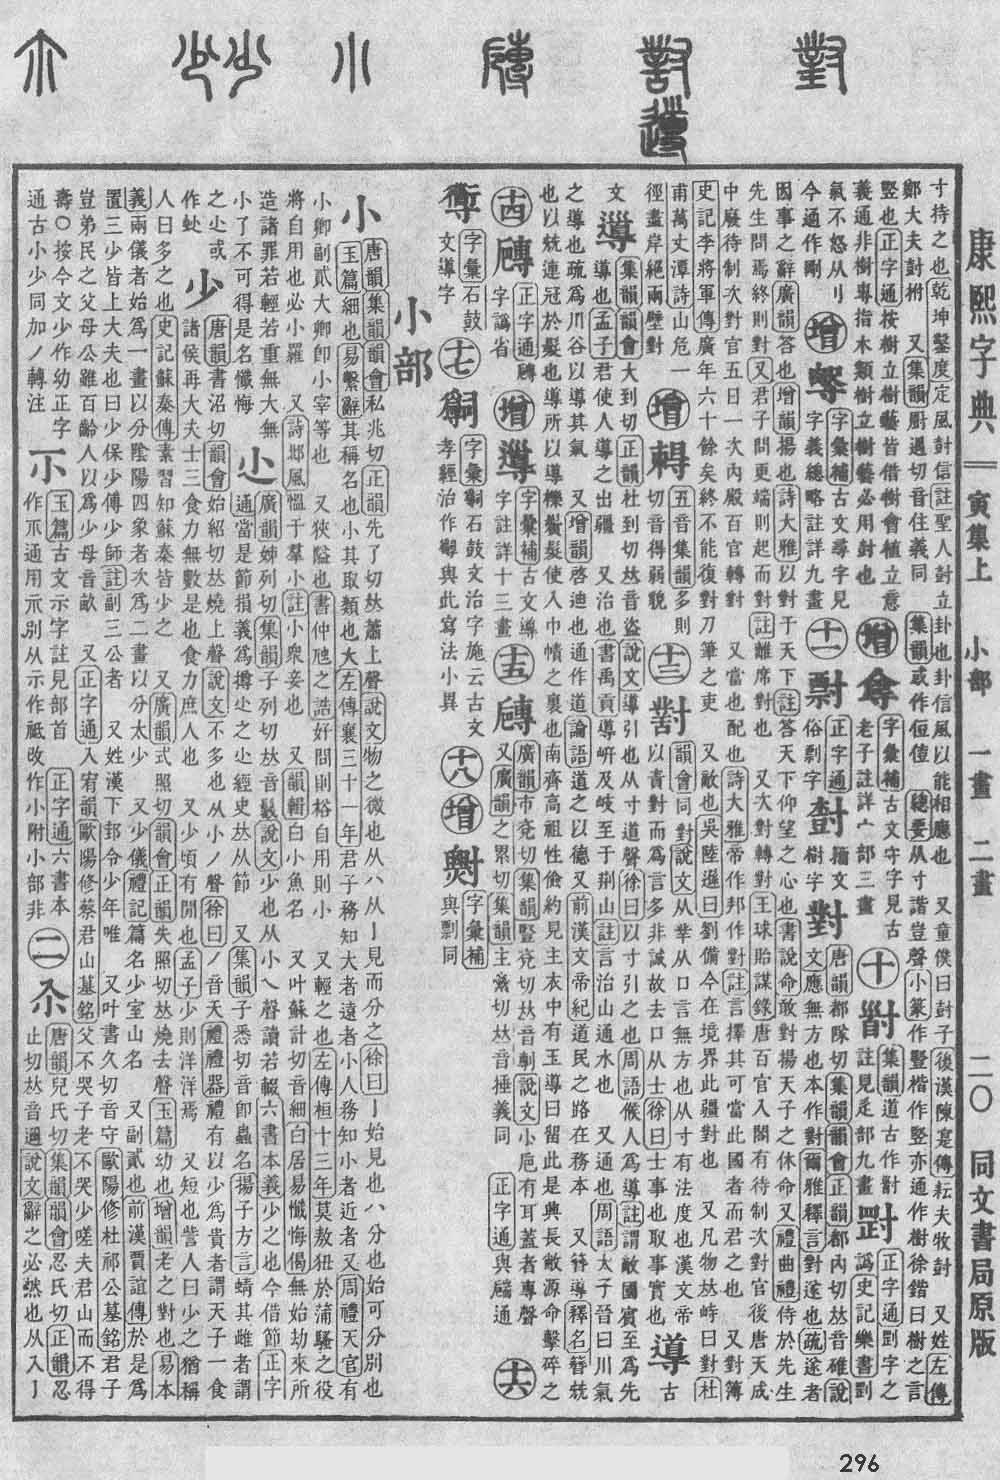 《康熙字典》第296页